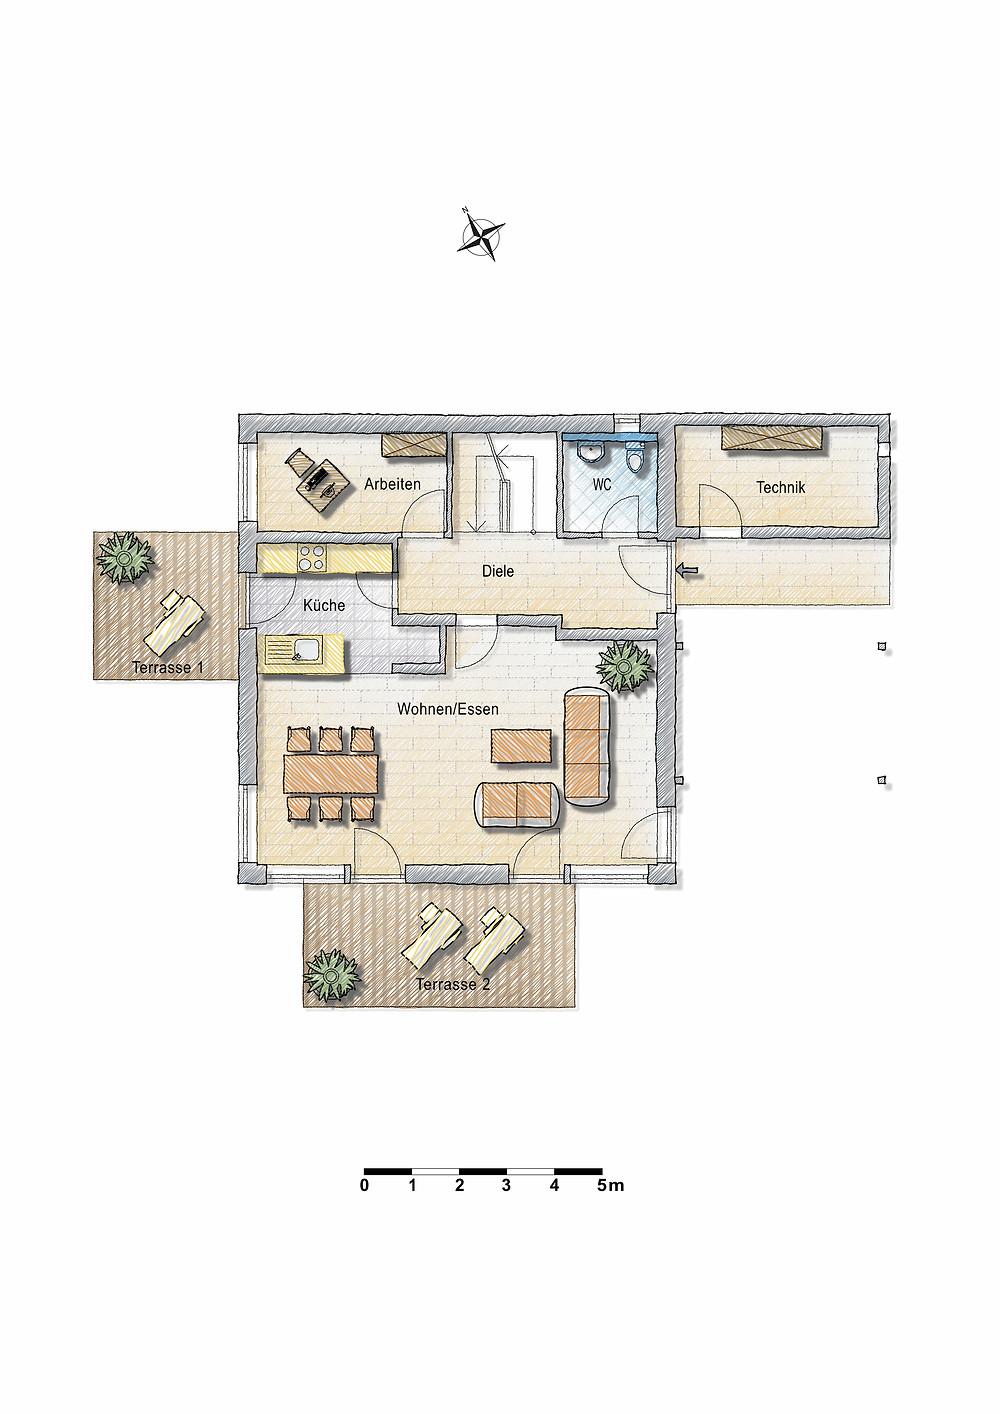 Immobilienkollektiv Haus kaufen Buchholz Nordheide